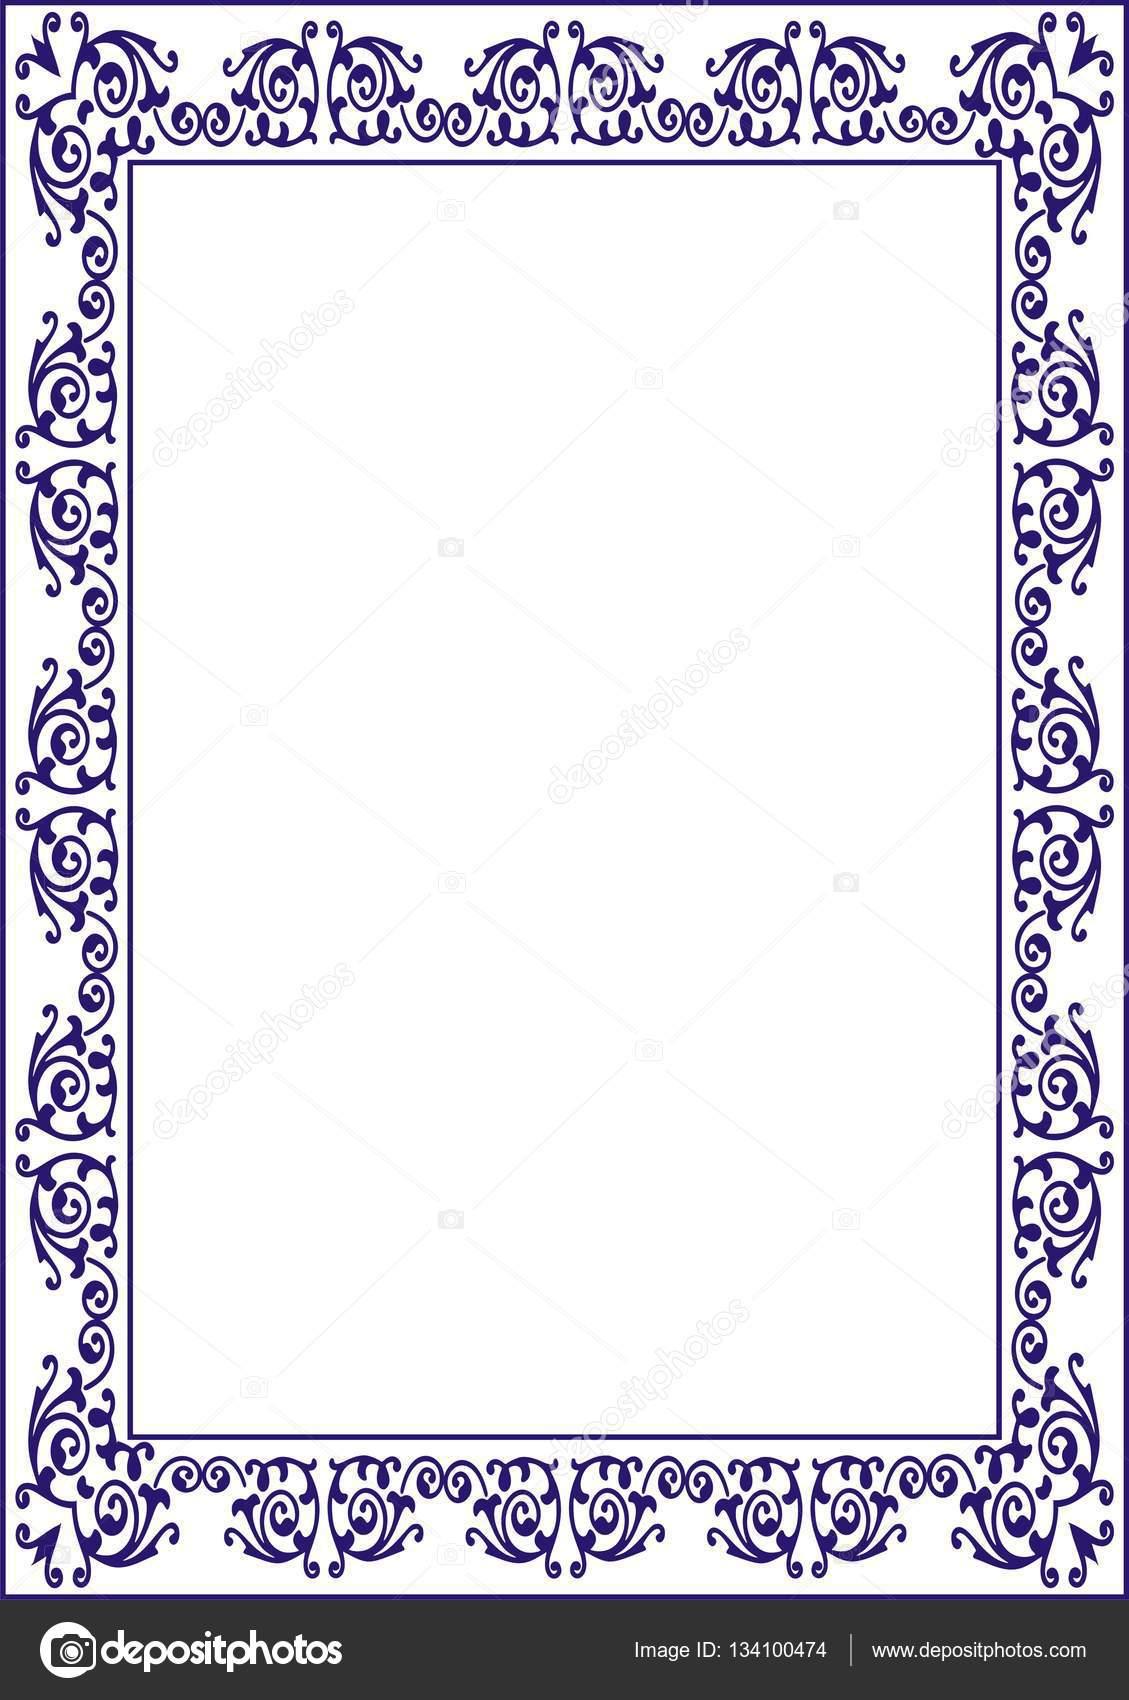 Marco de diploma de certificado — Foto de stock © st481 #134100474